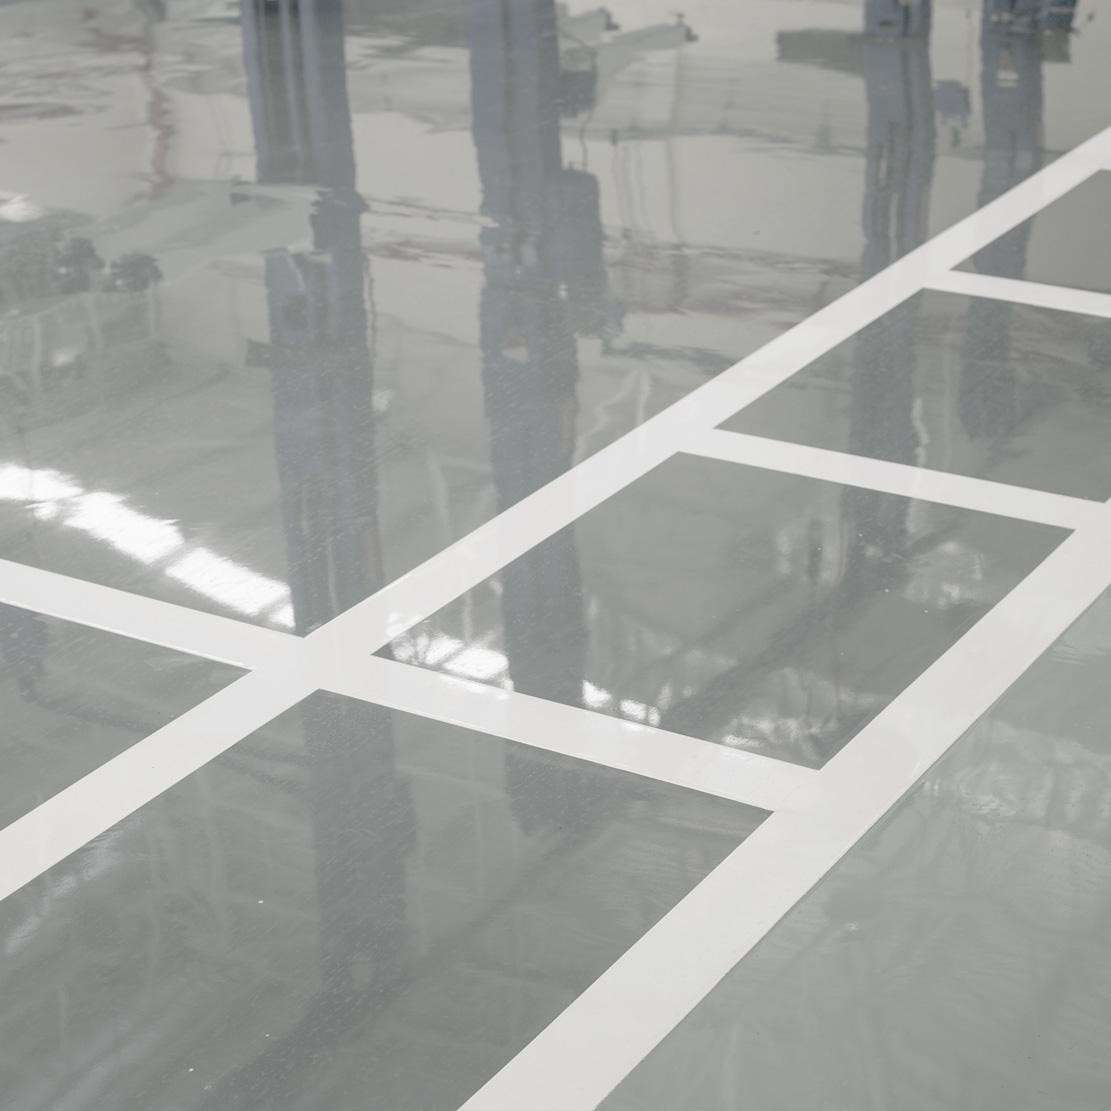 Pavimento Antistatico : Industriale e commerciale andrea lapace pavimenti in resina